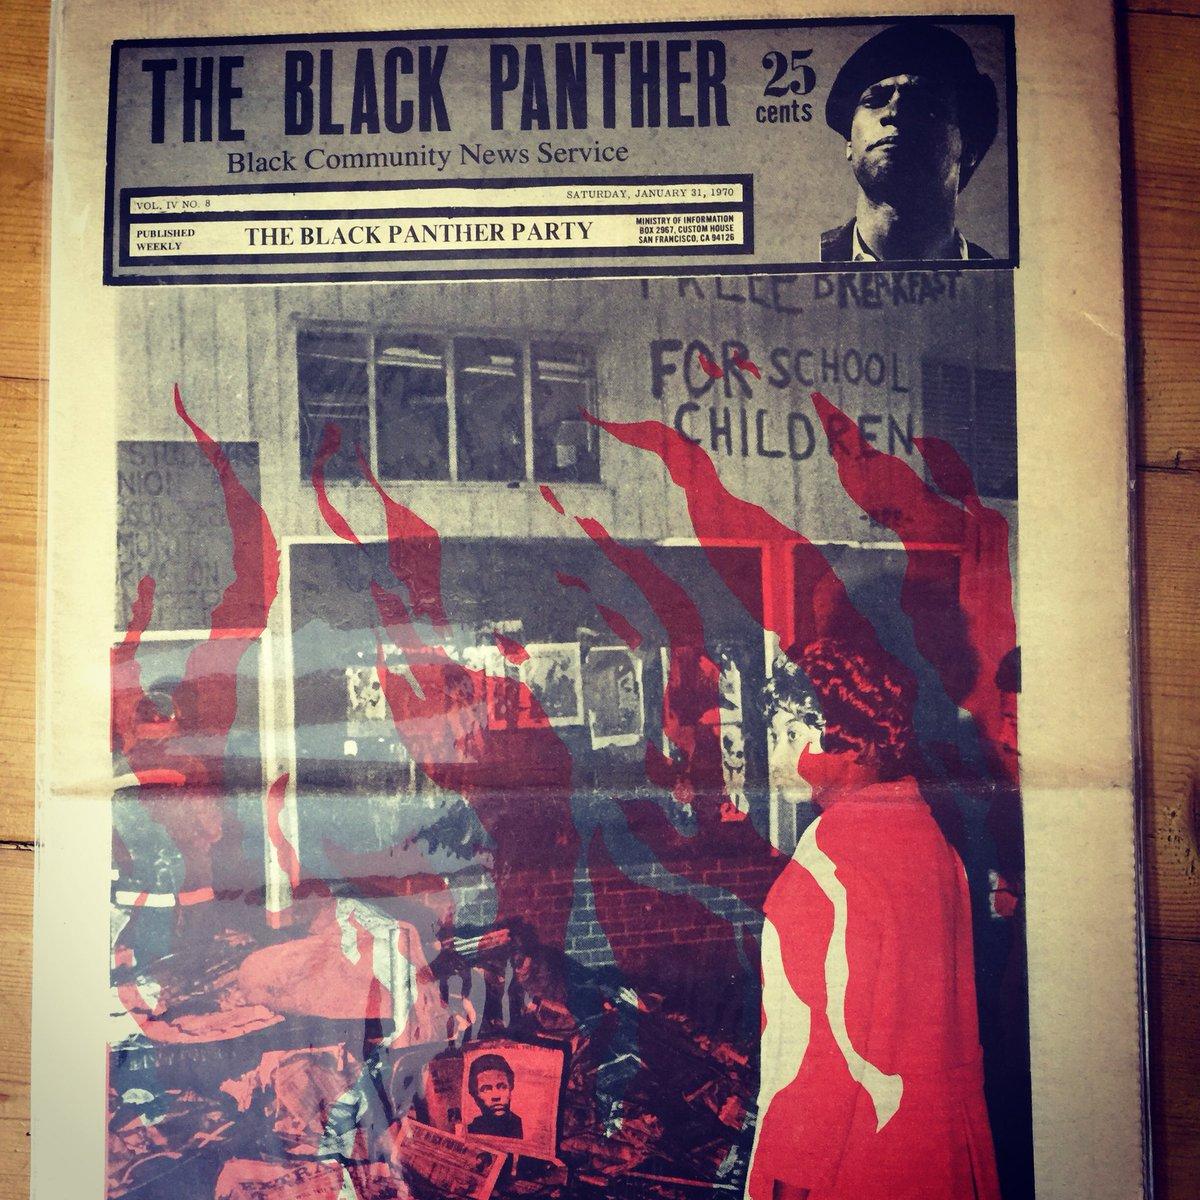 パンサー X 1970年のブラックパンサー党の新聞